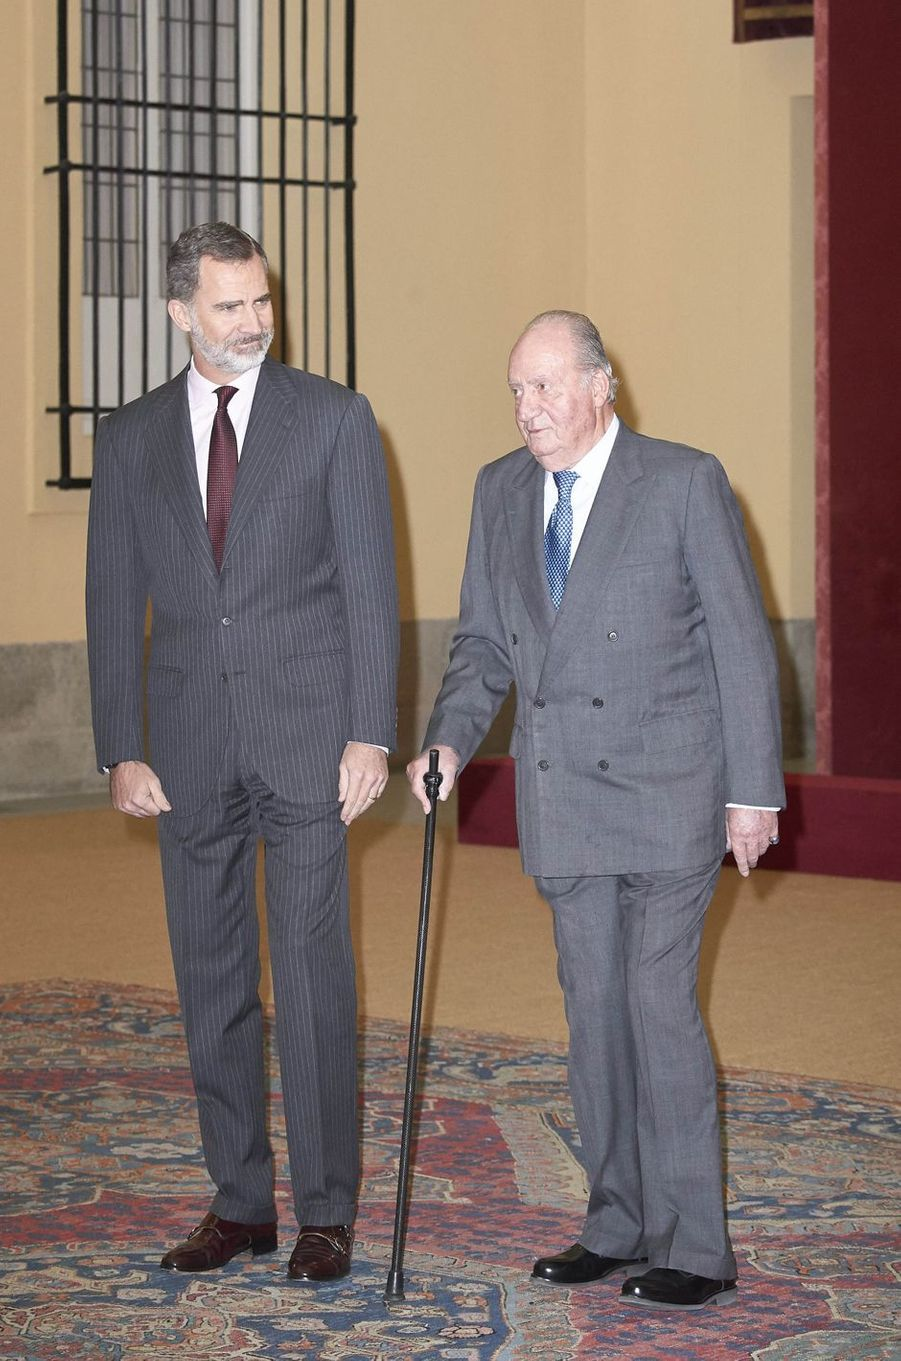 Le roi Felipe VI d'Espagne et son père l'ancien roi Juan Carlos à Madrid, le 3 décembre 2018